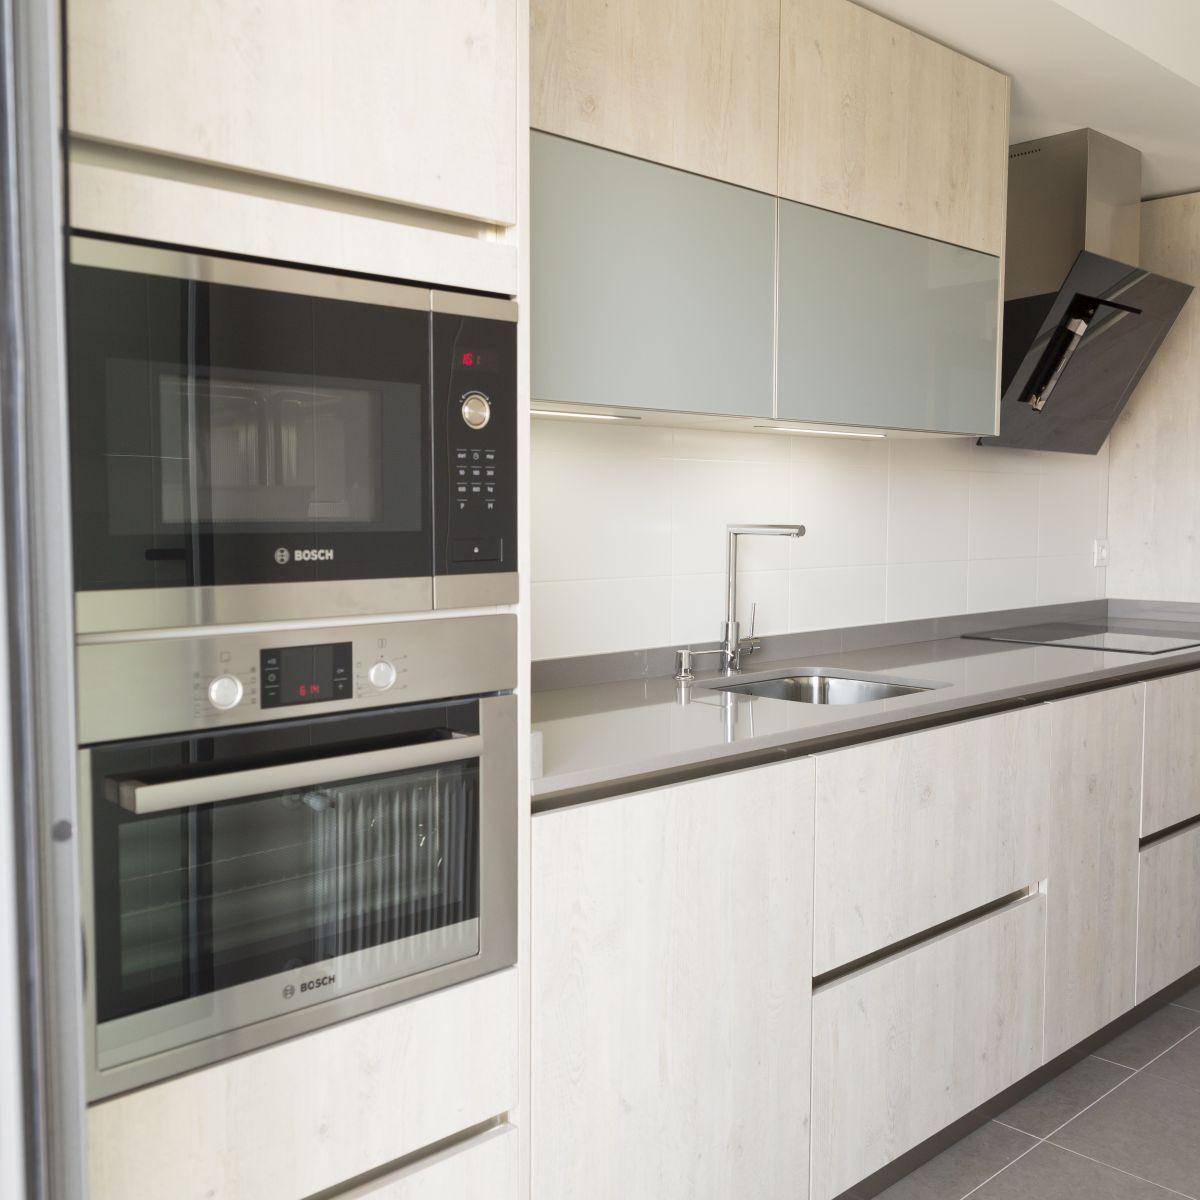 Fabrica e instalaci n de cocinas de dise o cocinas for Muebles de cocina suarco